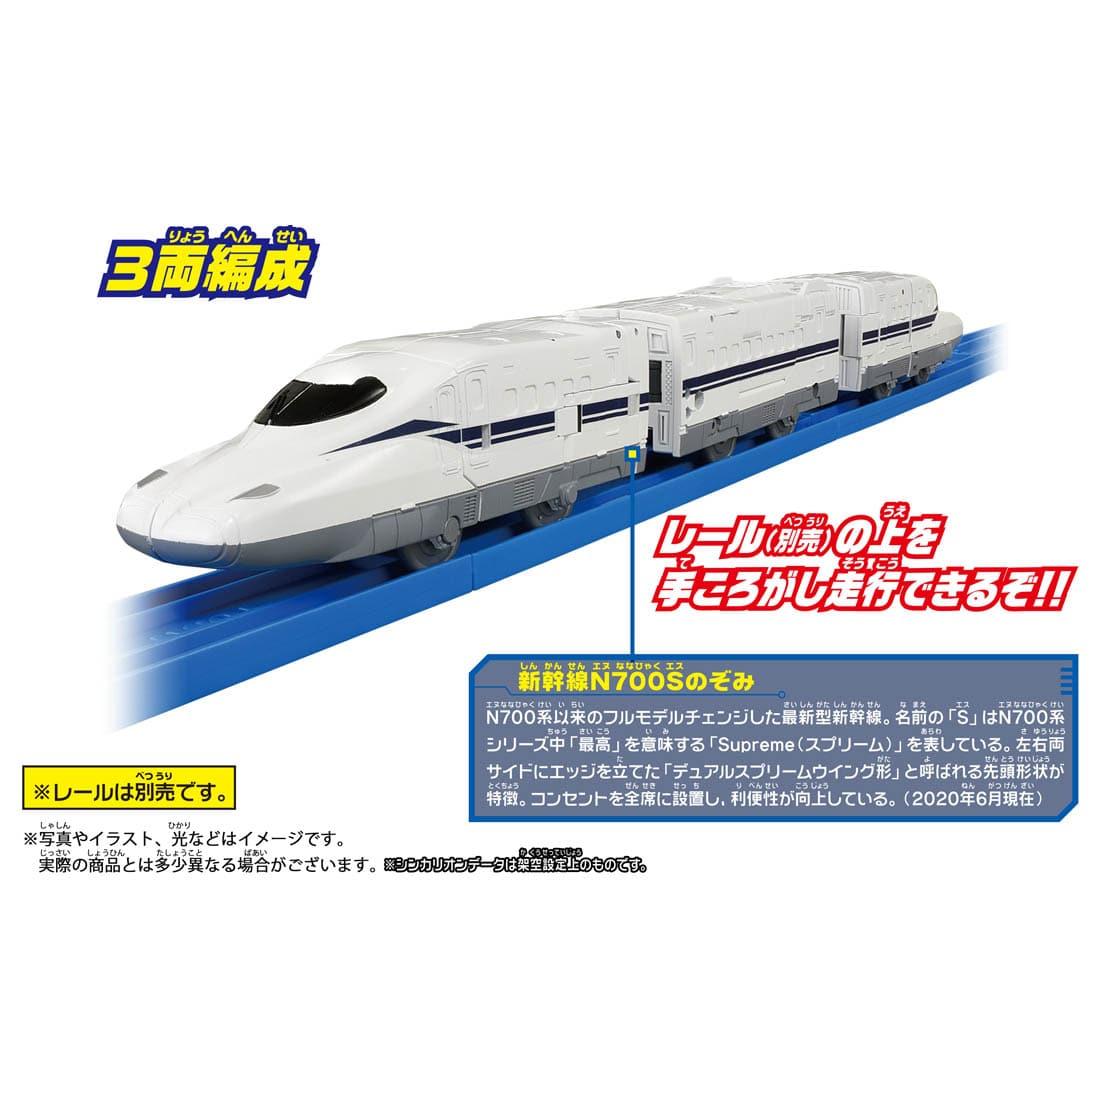 新幹線変形ロボ シンカリオン『DXS シンカリオン N700Sのぞみ』可変プラレール-005